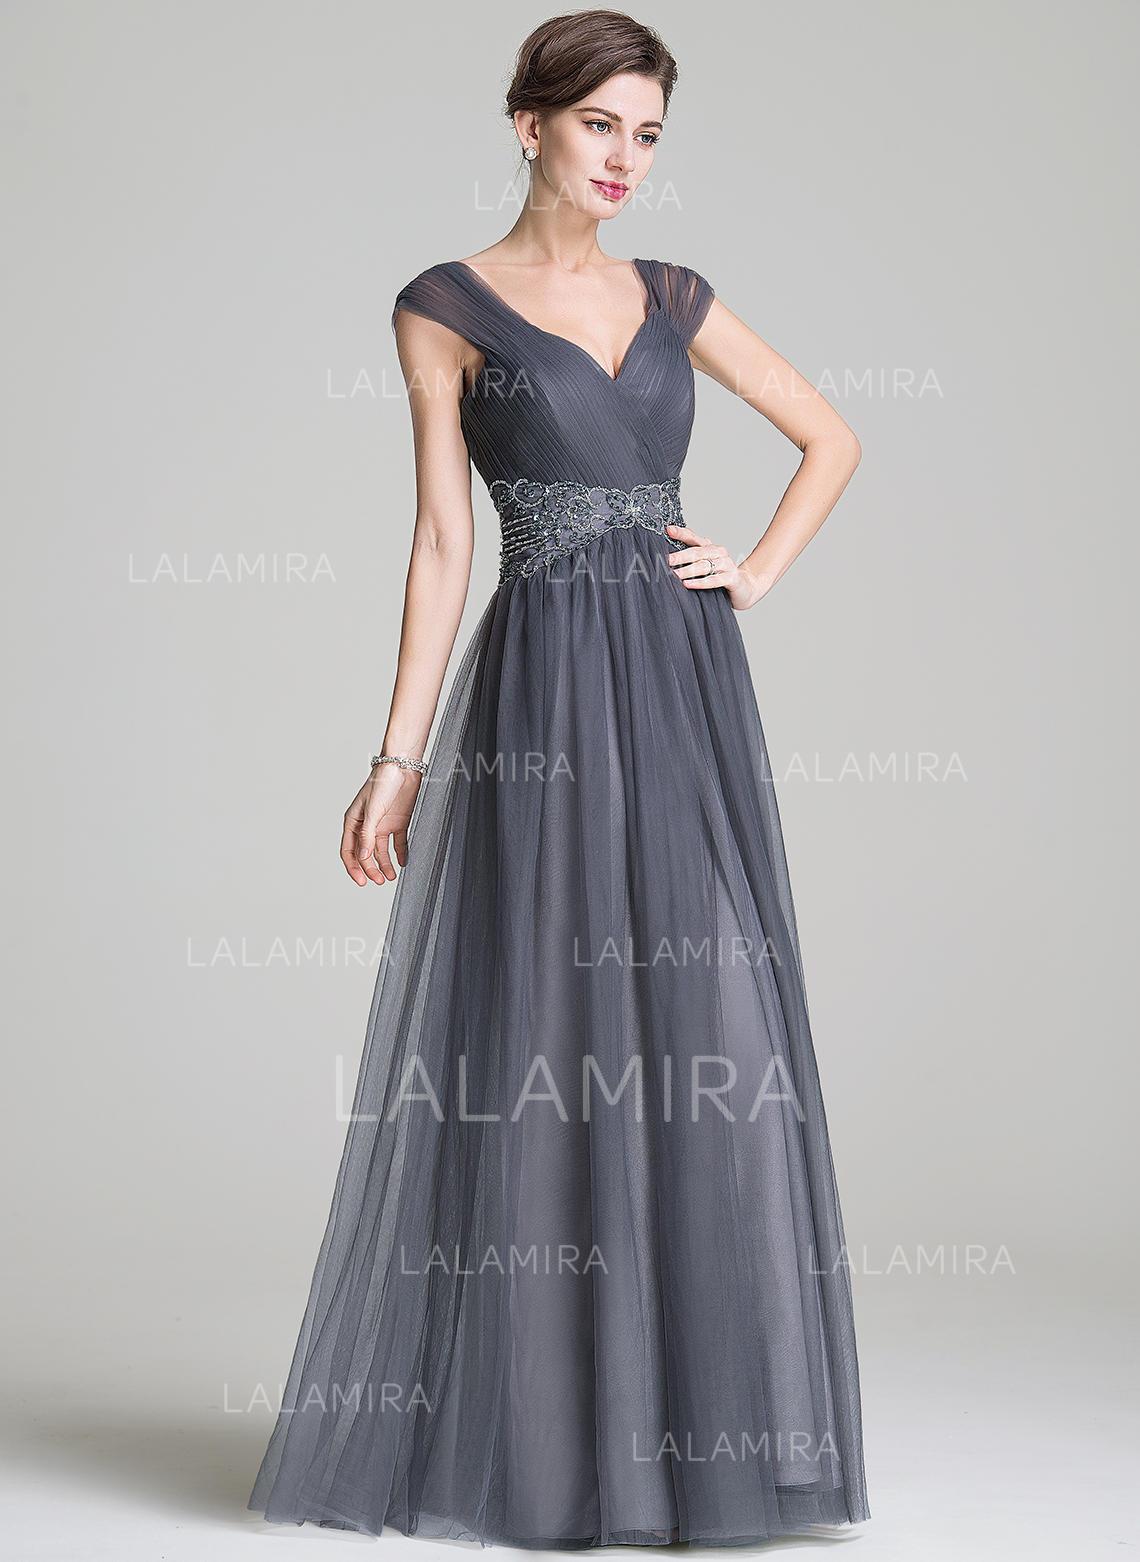 93ad0394 Elegant Gulvlengde A-formet/Prinsesse Tyll Kjoler til Brudens Mor  (008211132). Loading zoom